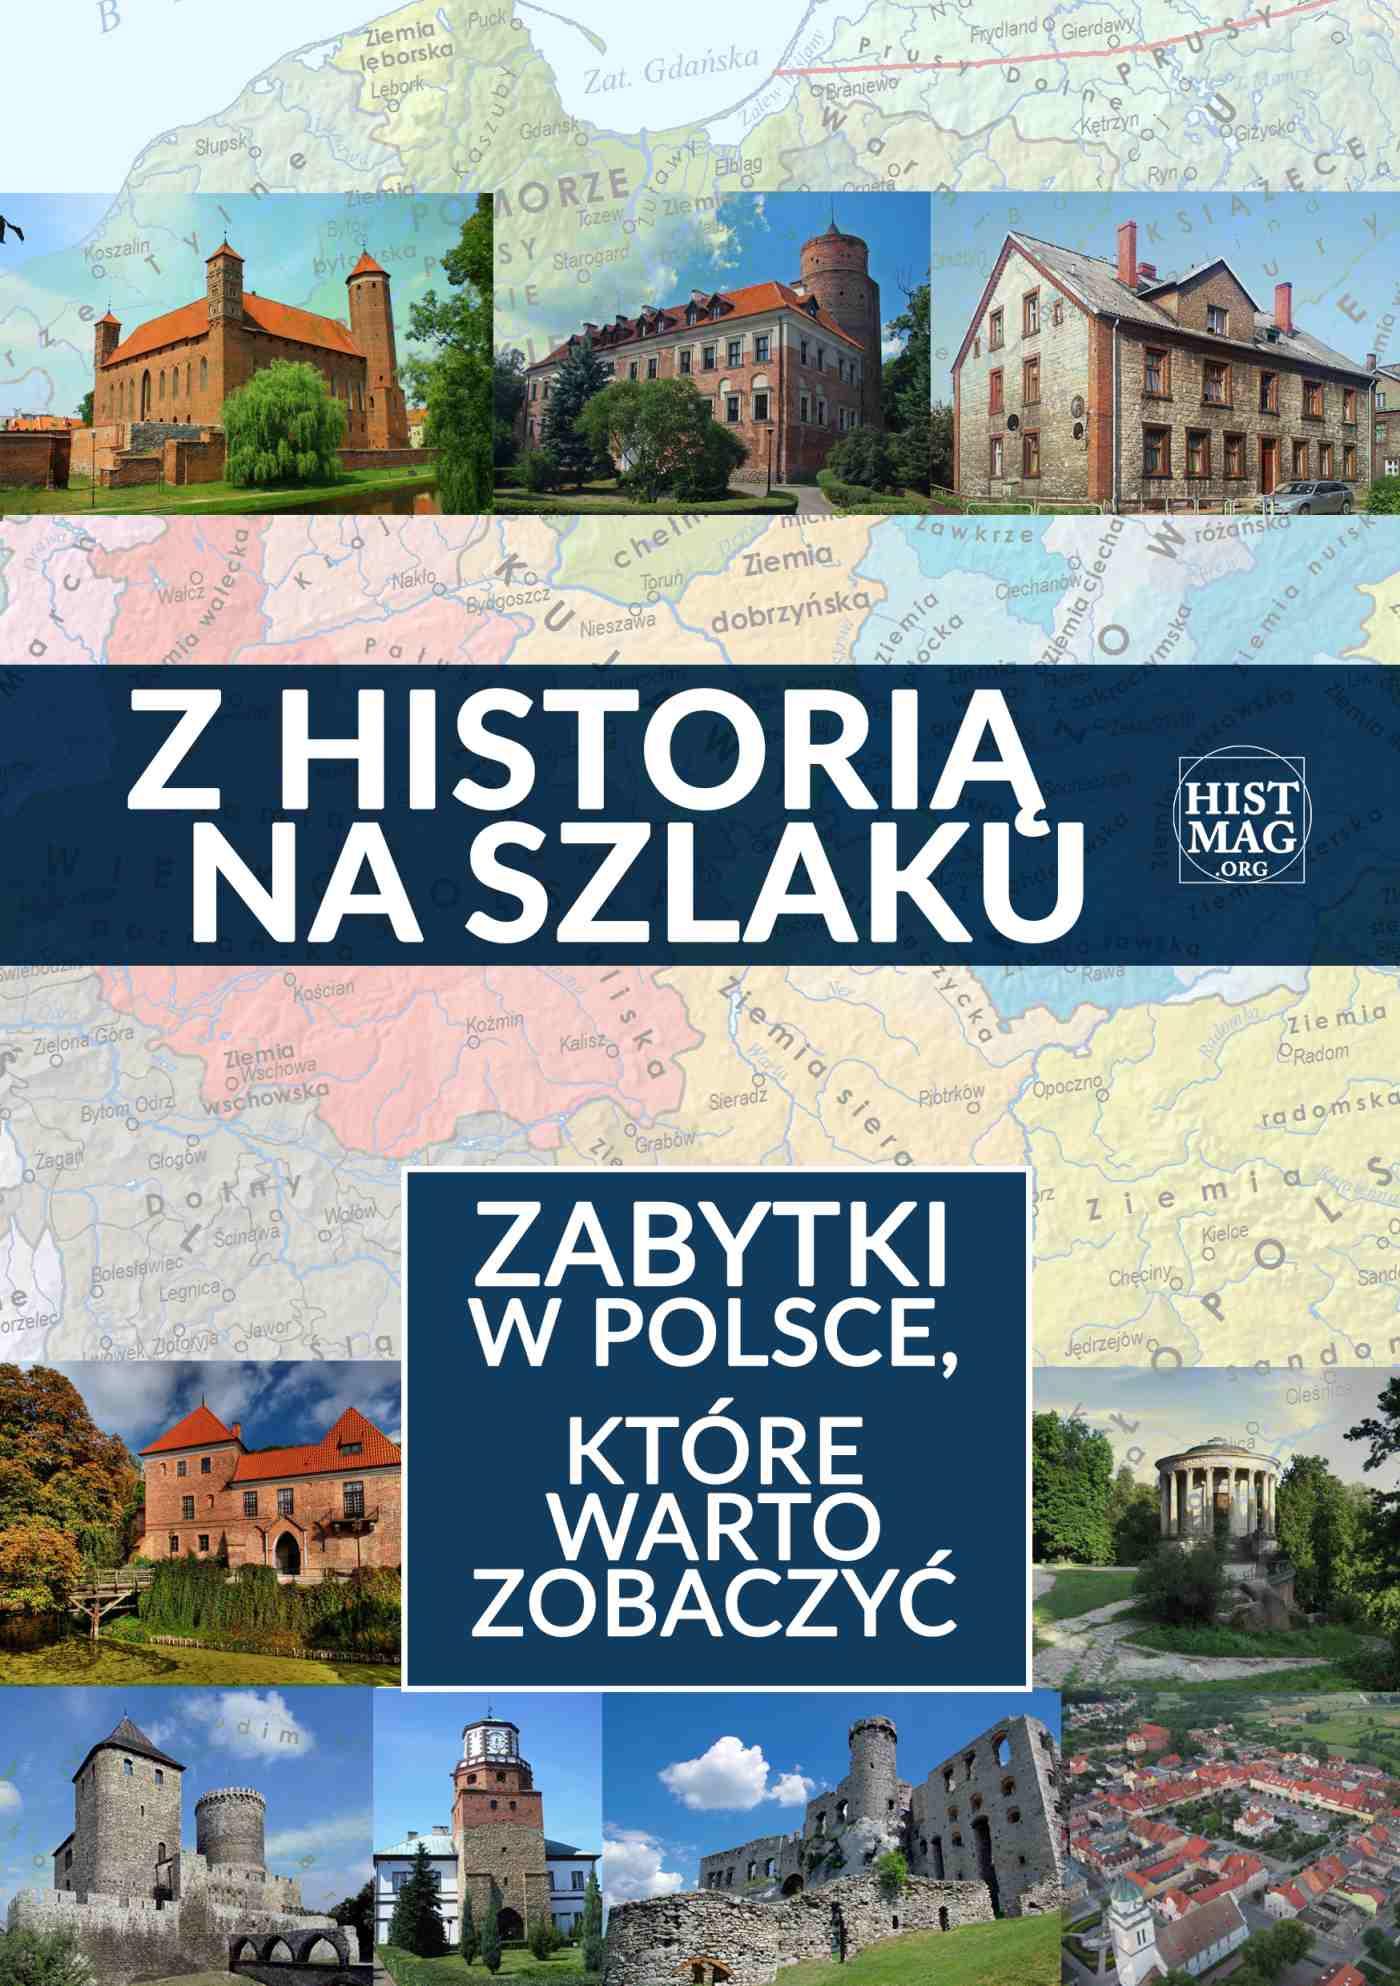 Z historią na szlaku. Zabytki w Polsce, które warto zobaczyć - Ebook (Książka EPUB) do pobrania w formacie EPUB